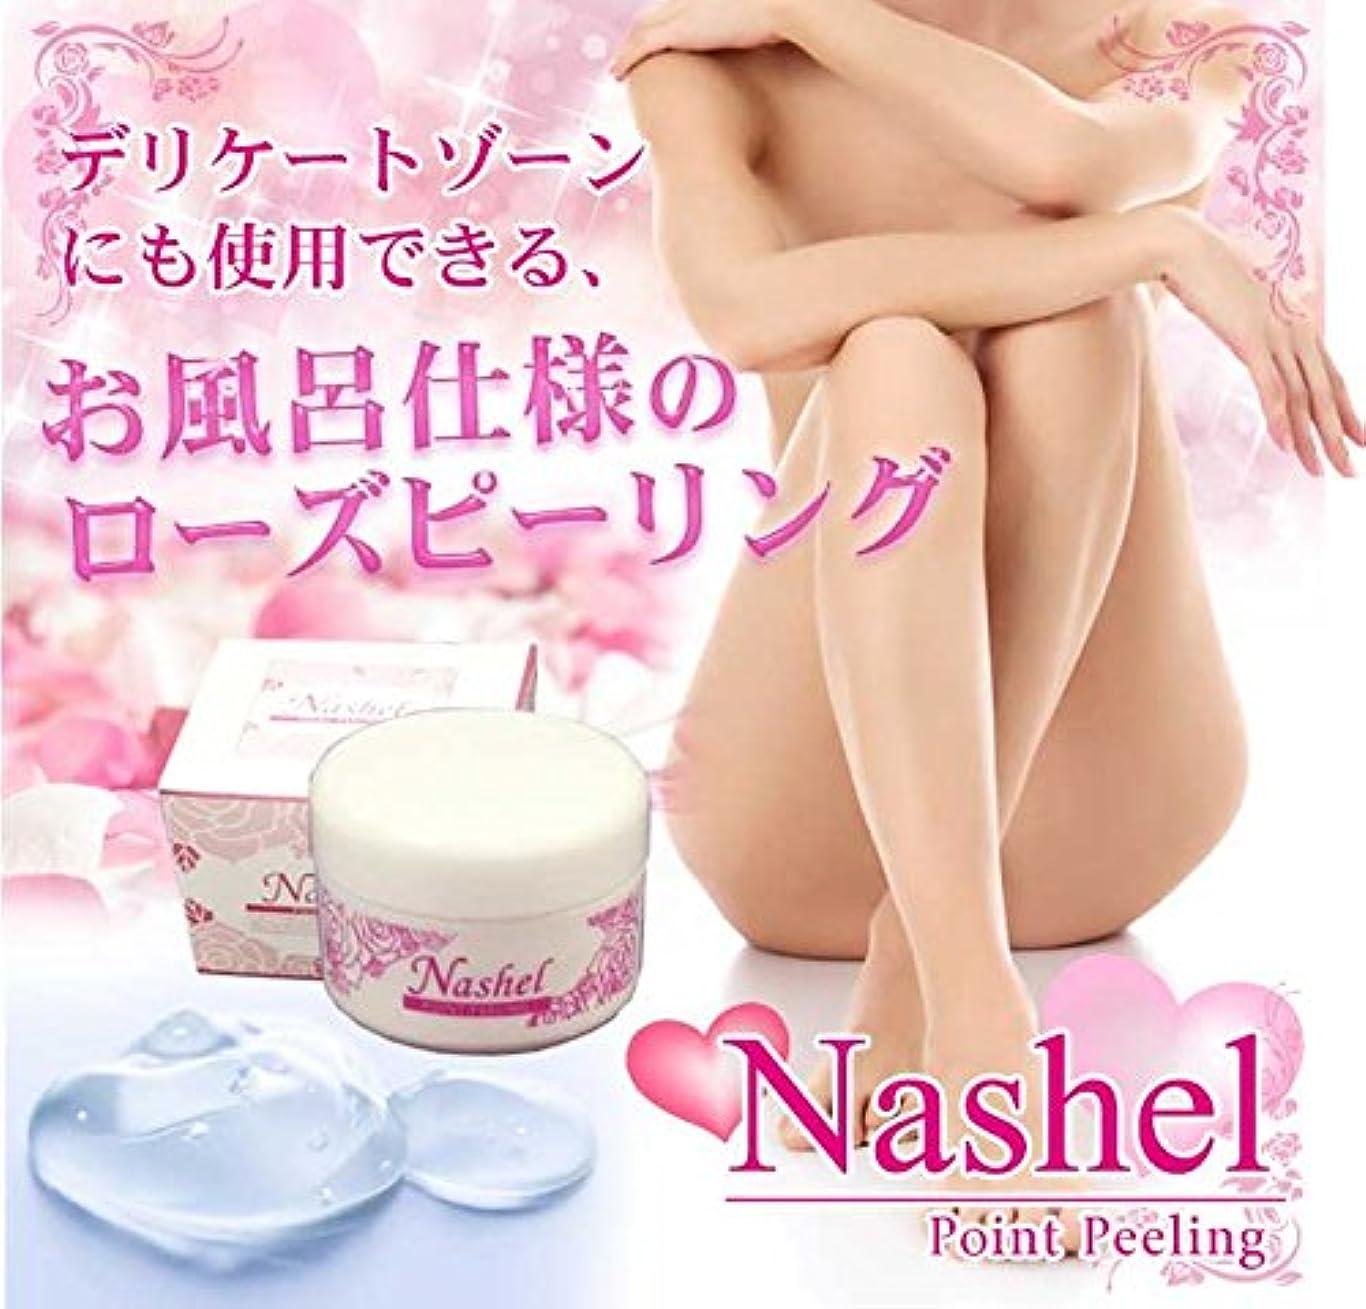 空洞コテージ誠意Nashel point peeling(ナシェル ポイントピーリング)